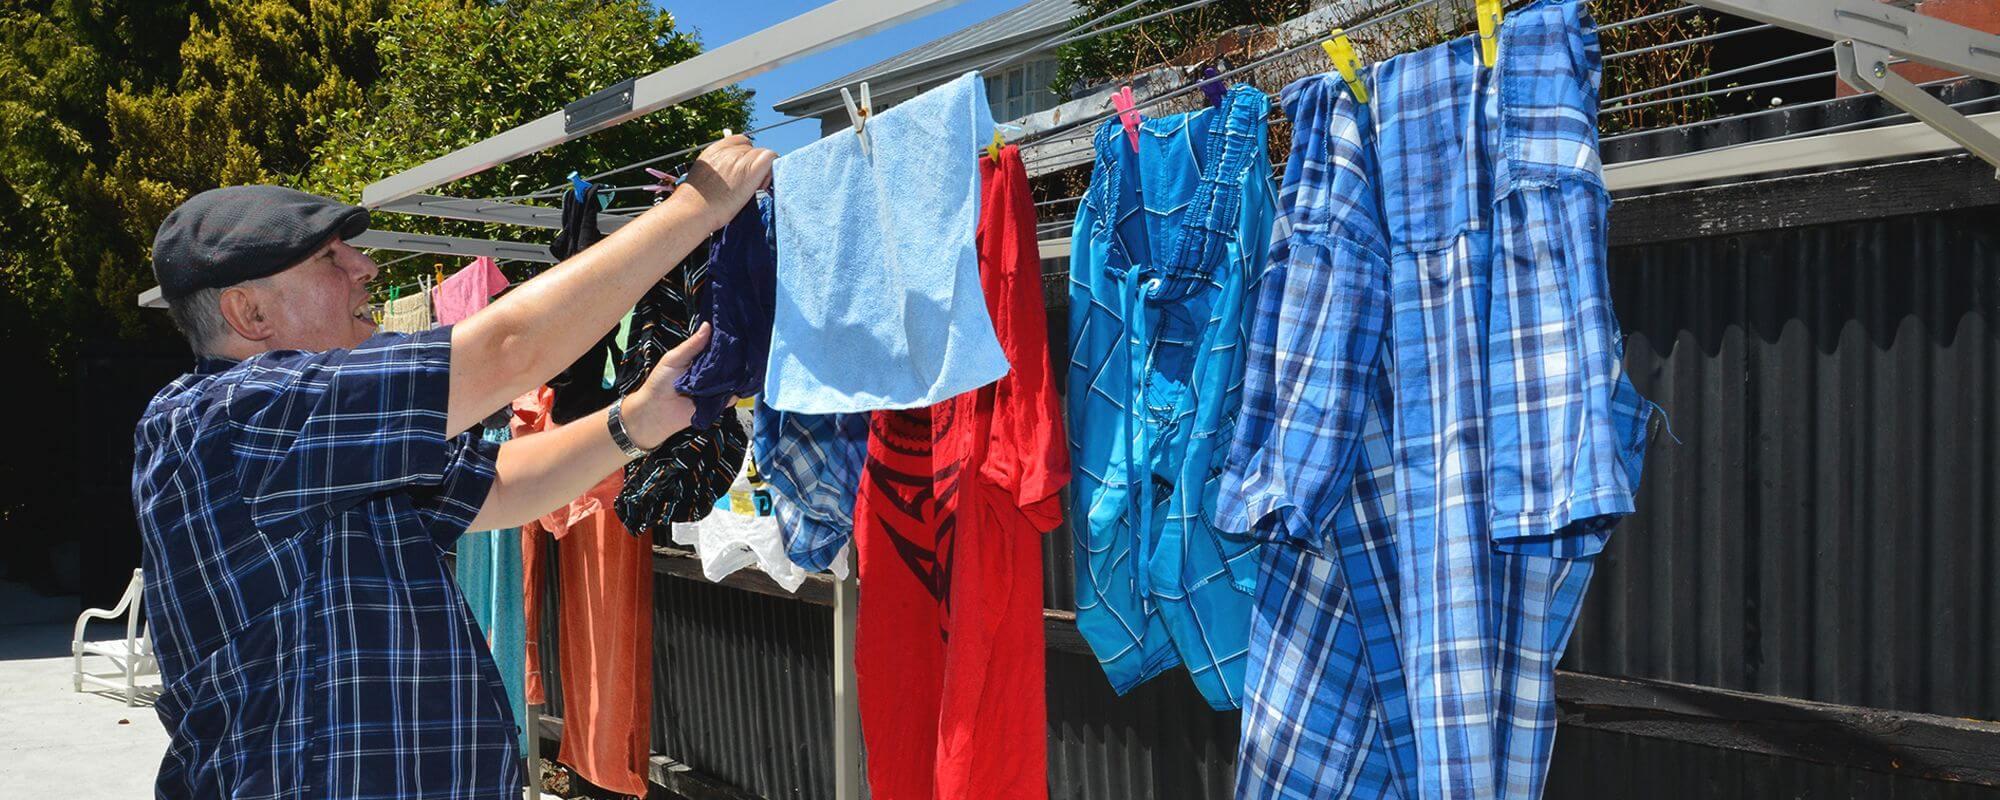 Hohepa Canterbury Resident hanging washing